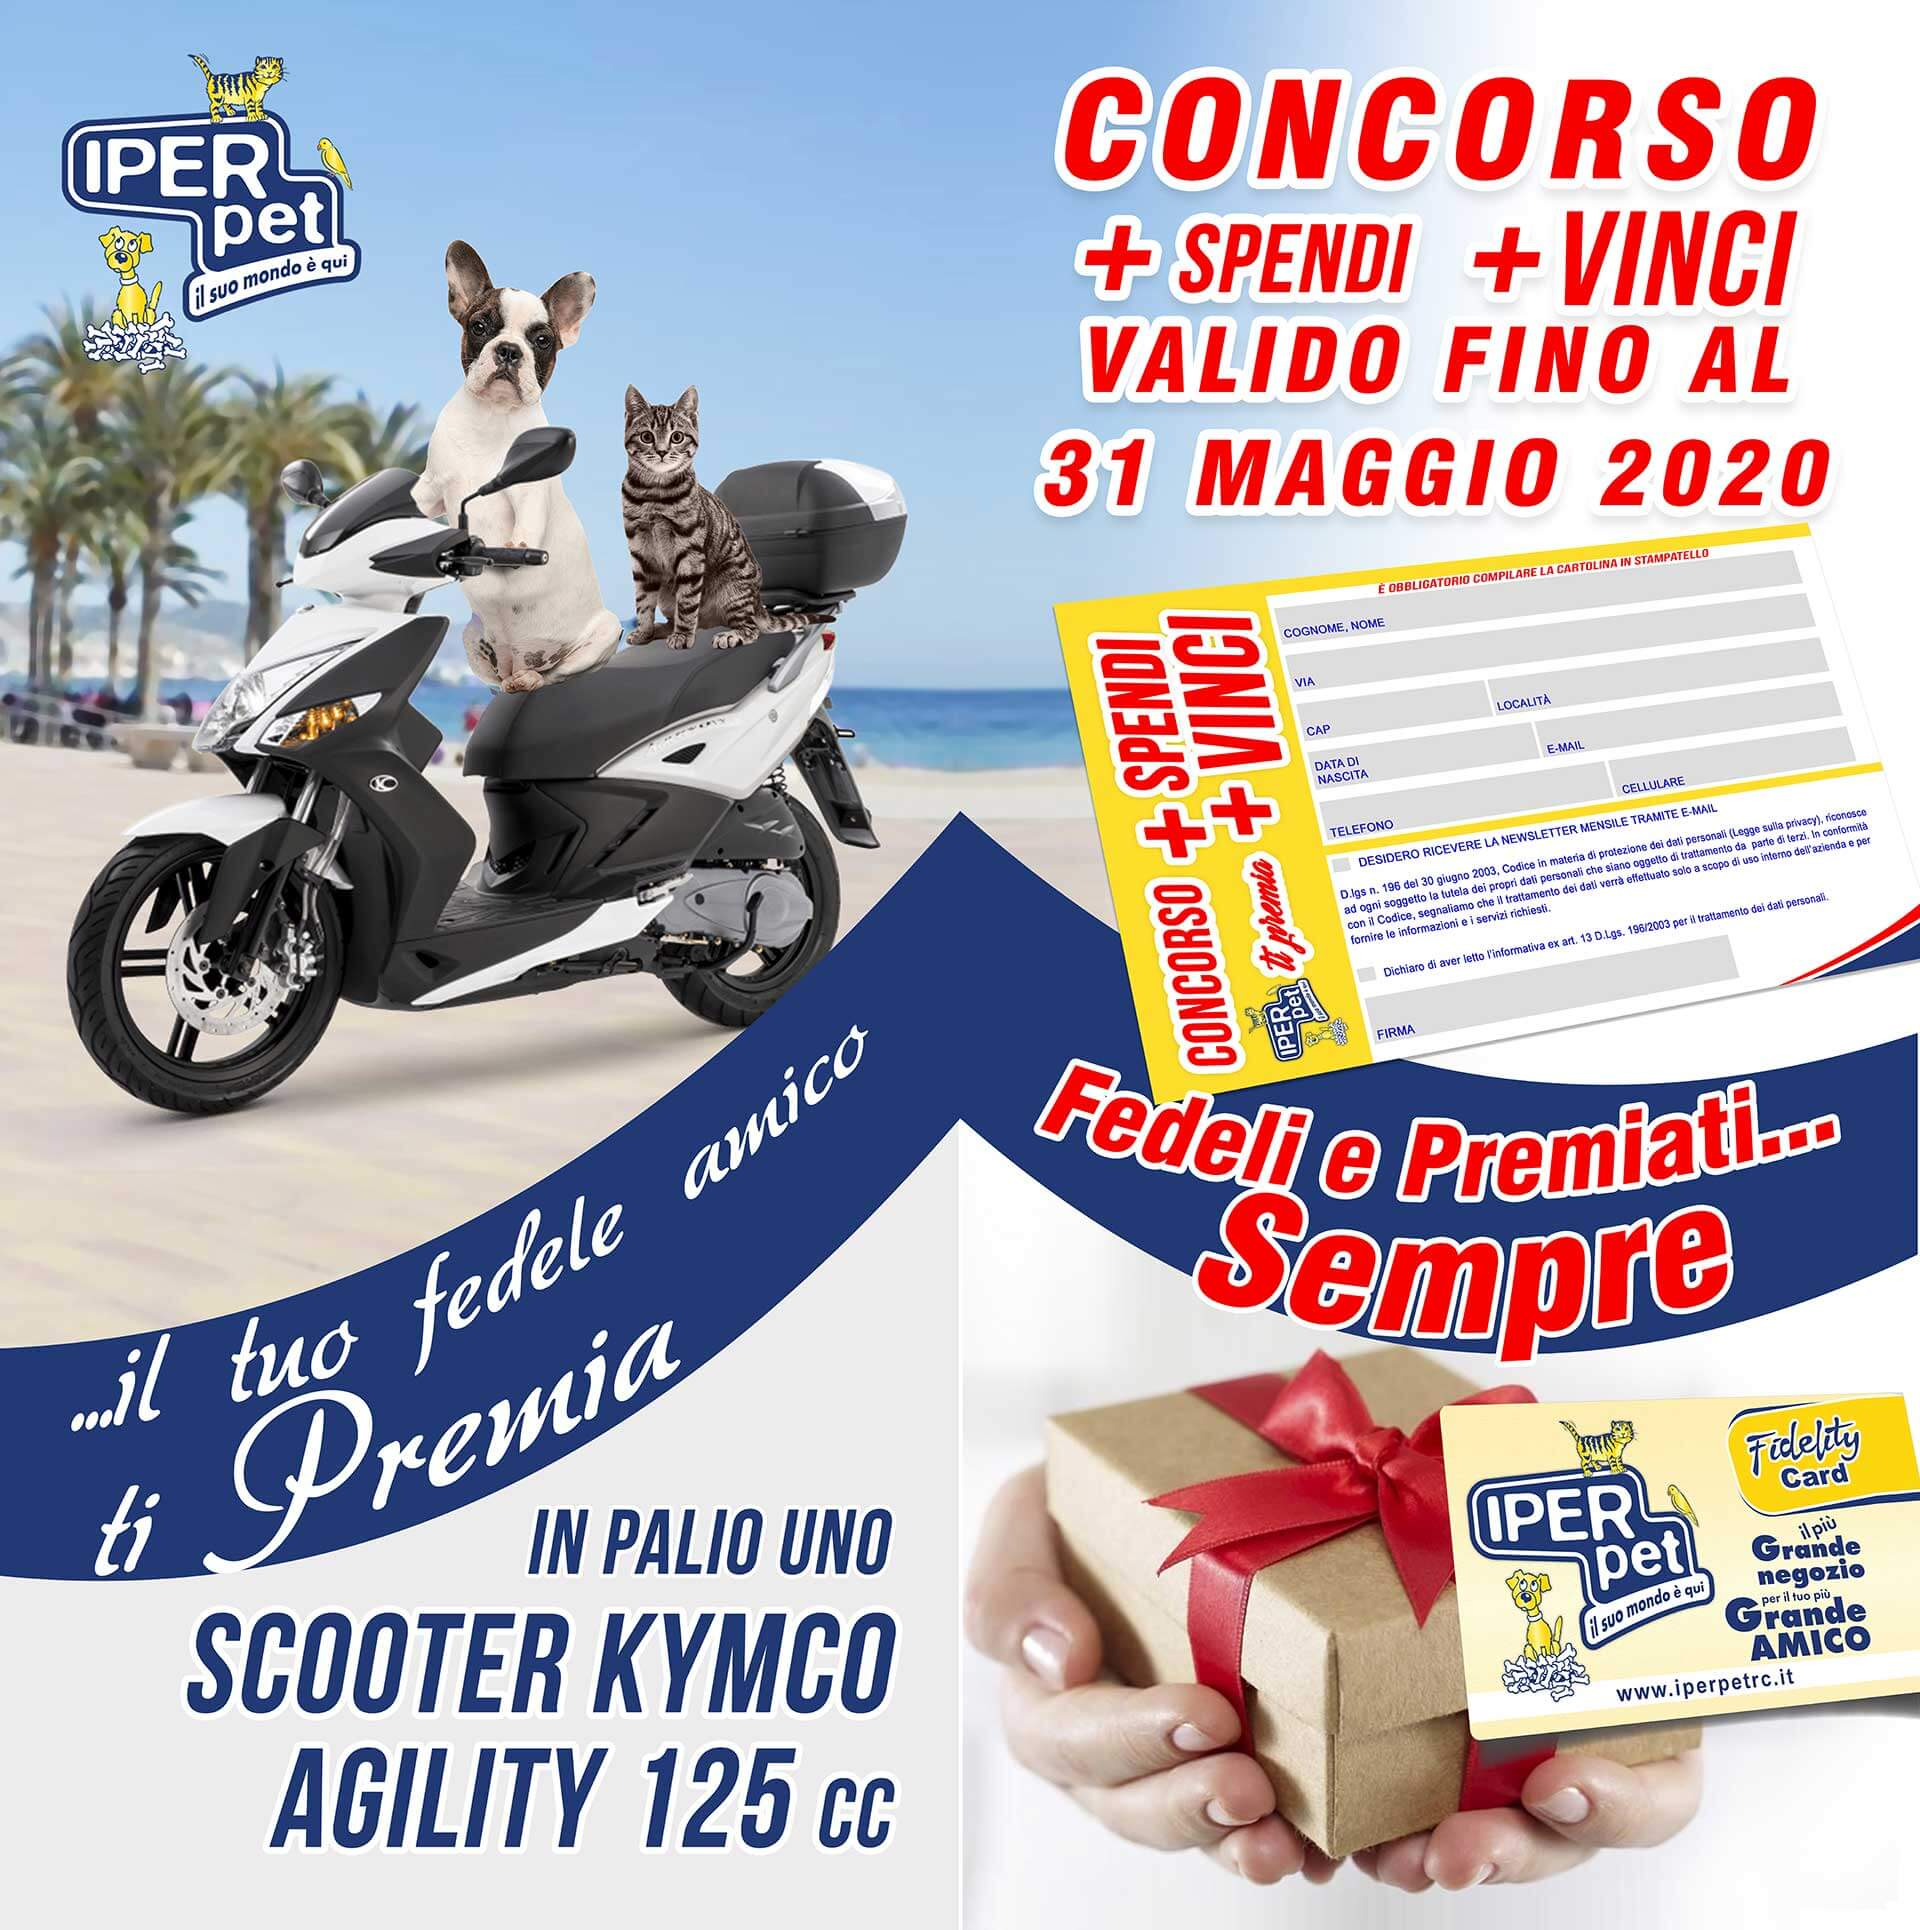 Parte il concorso +spendi +vinci di Iper Pet con cui potrai vincere un fantastico scooter Kymco 125cc